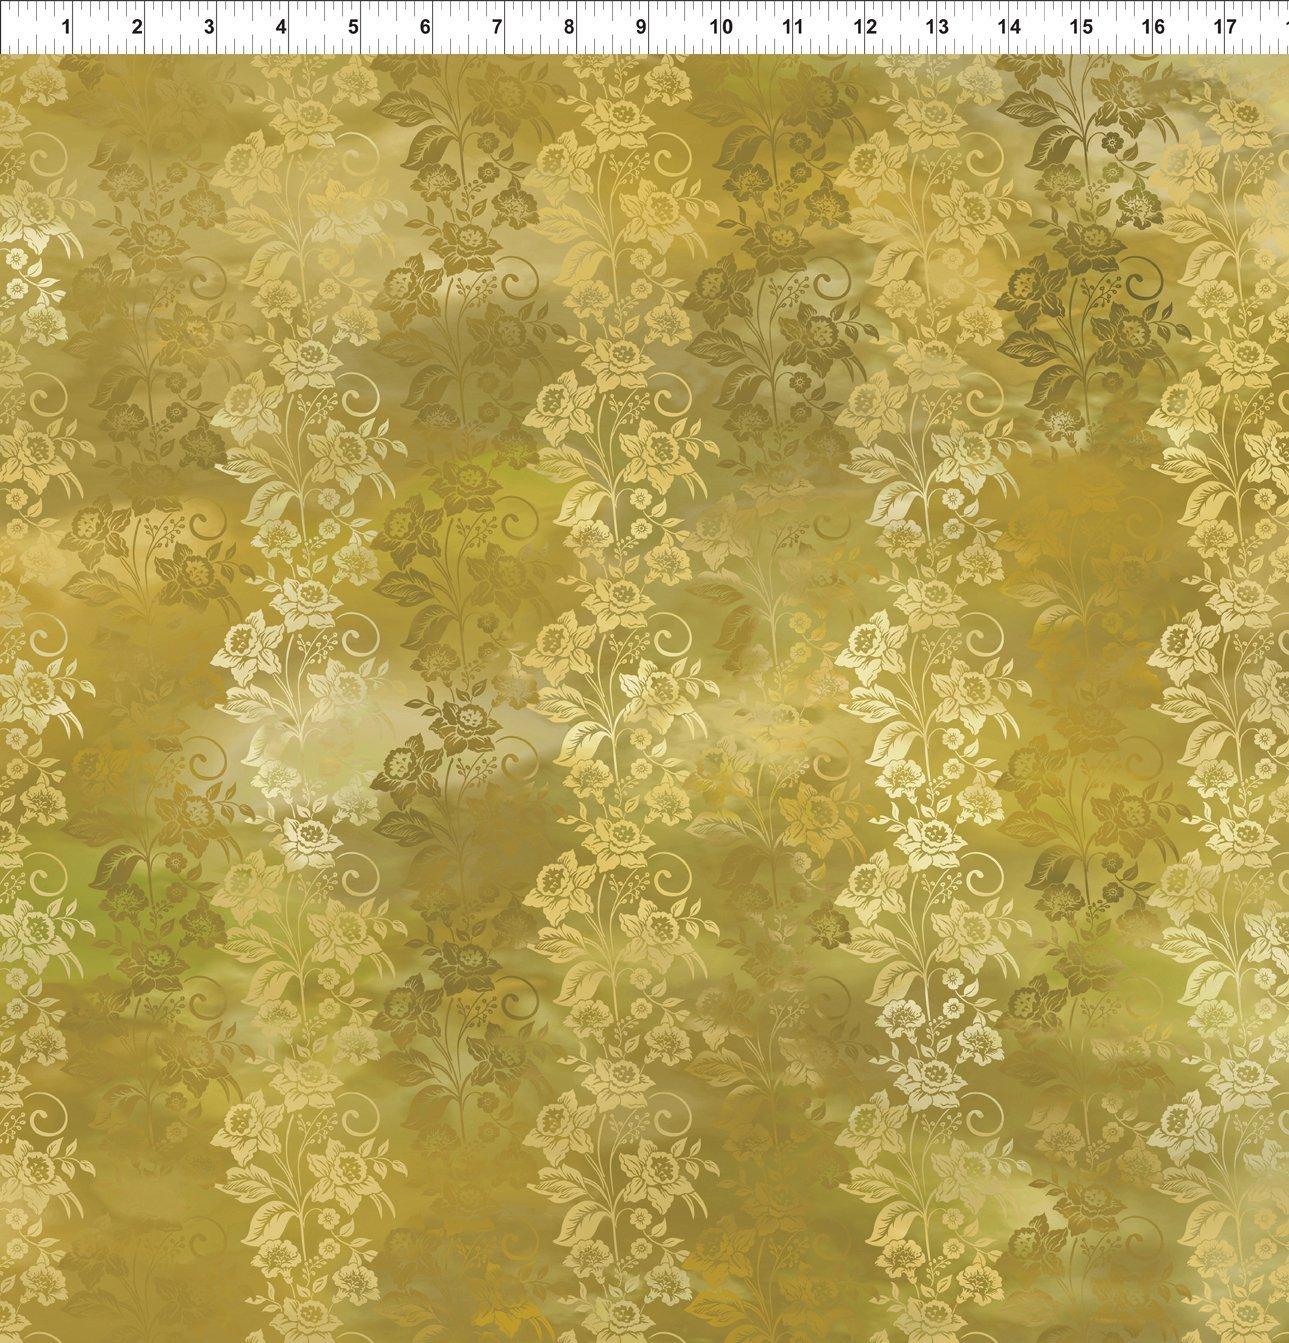 Diaphonous - Enchanted Vines - Gold 5ENC2